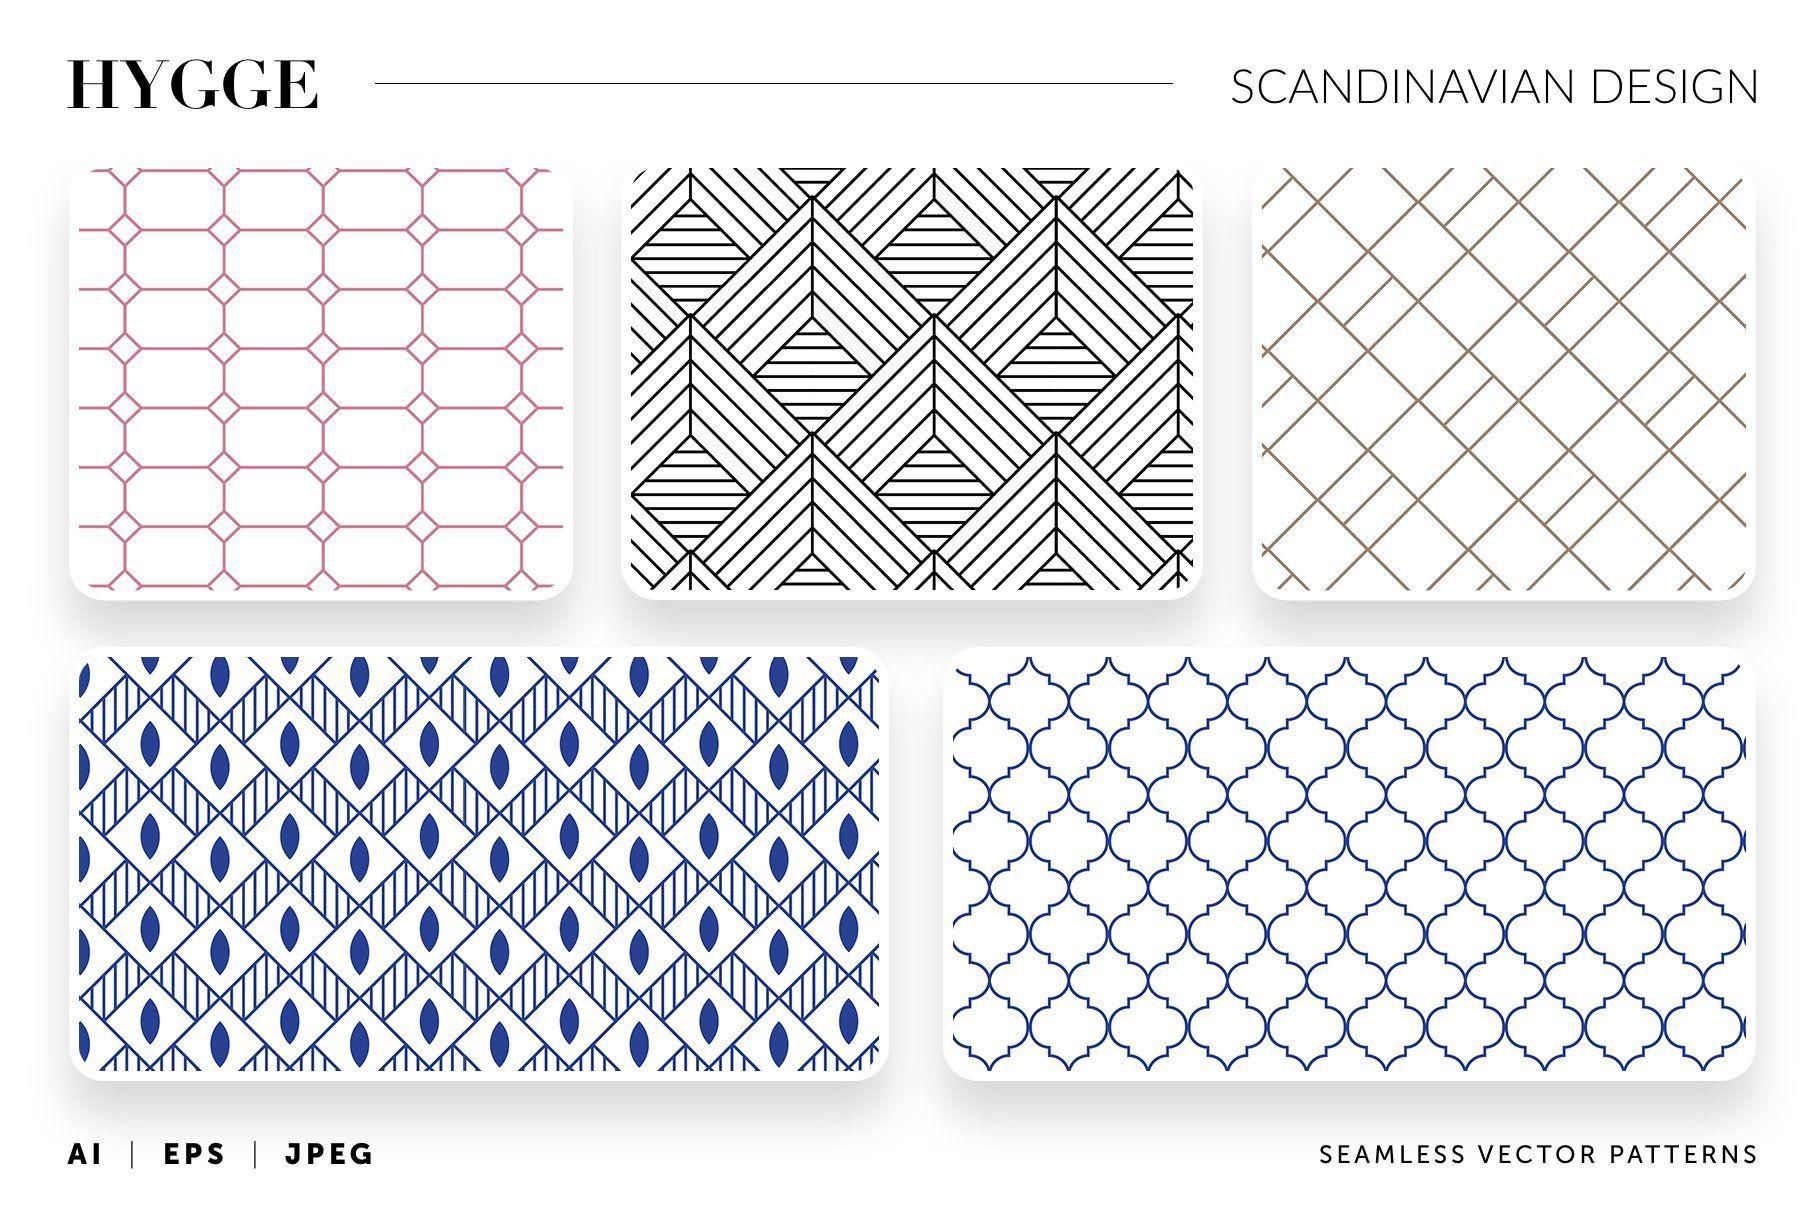 Hygge Scandinavian Vector Patters In 2020 Scandinavian Design Pattern Scandinavian Design Style Scandinavian Design